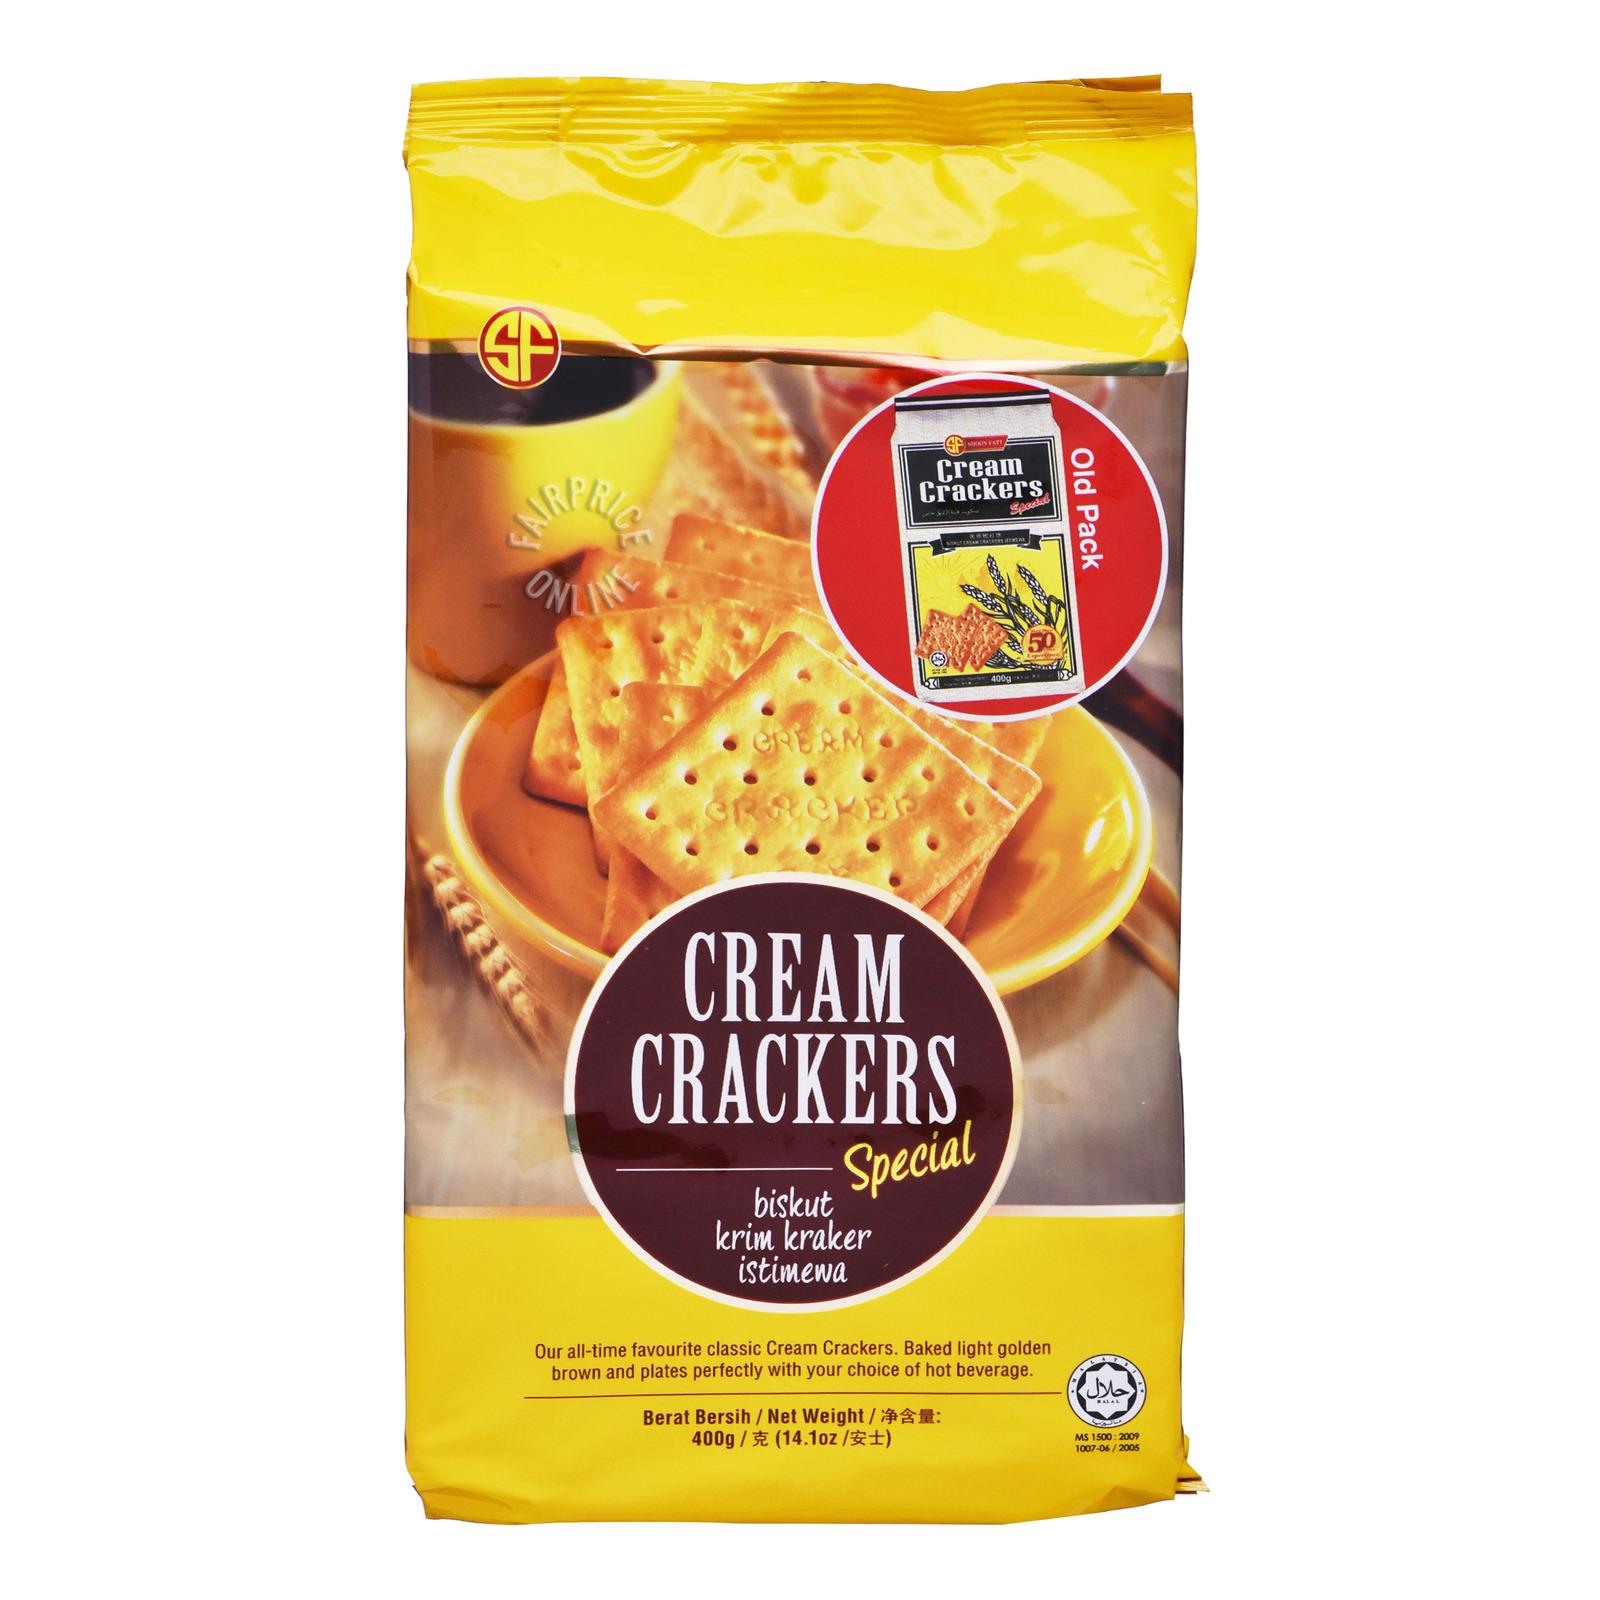 Shoon Fatt Cream Crackers - Special